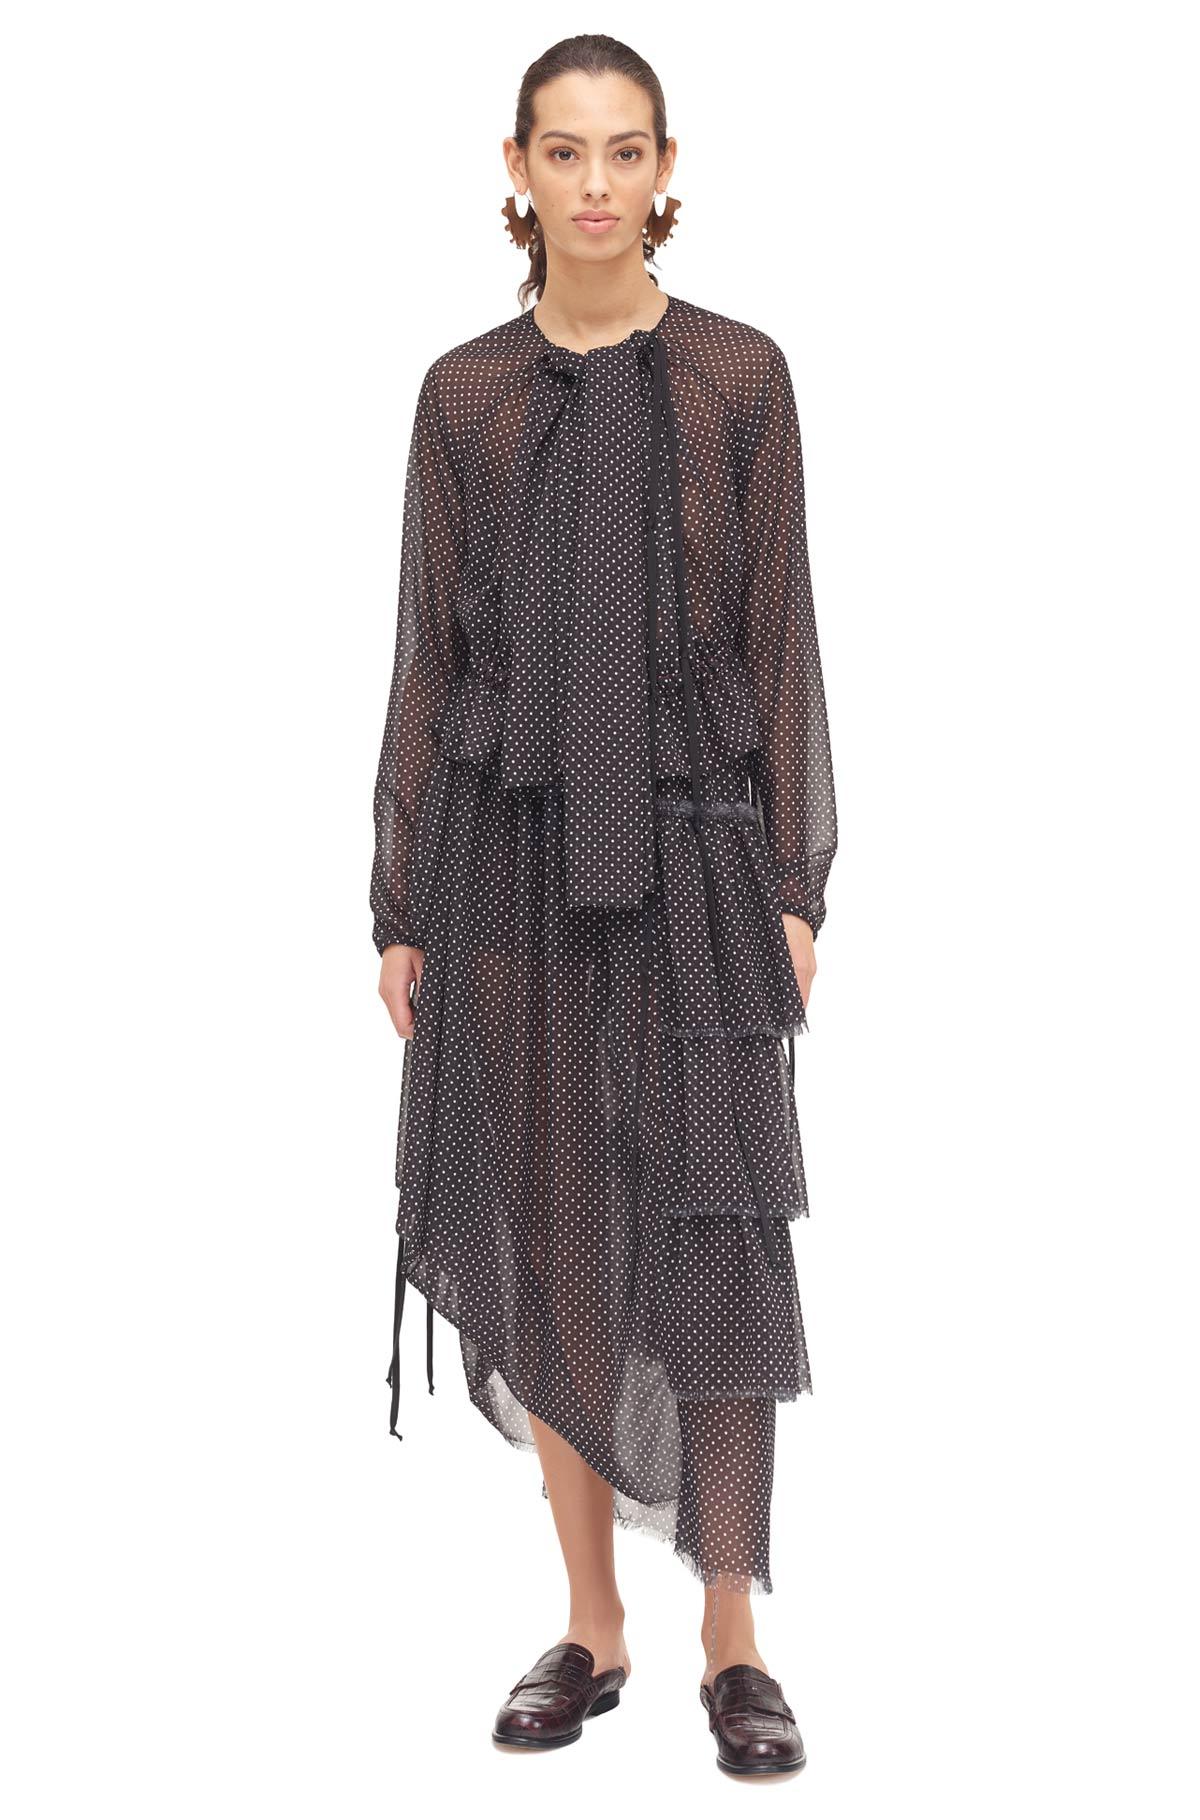 LOEWE Ruffle Skirt Black/White front